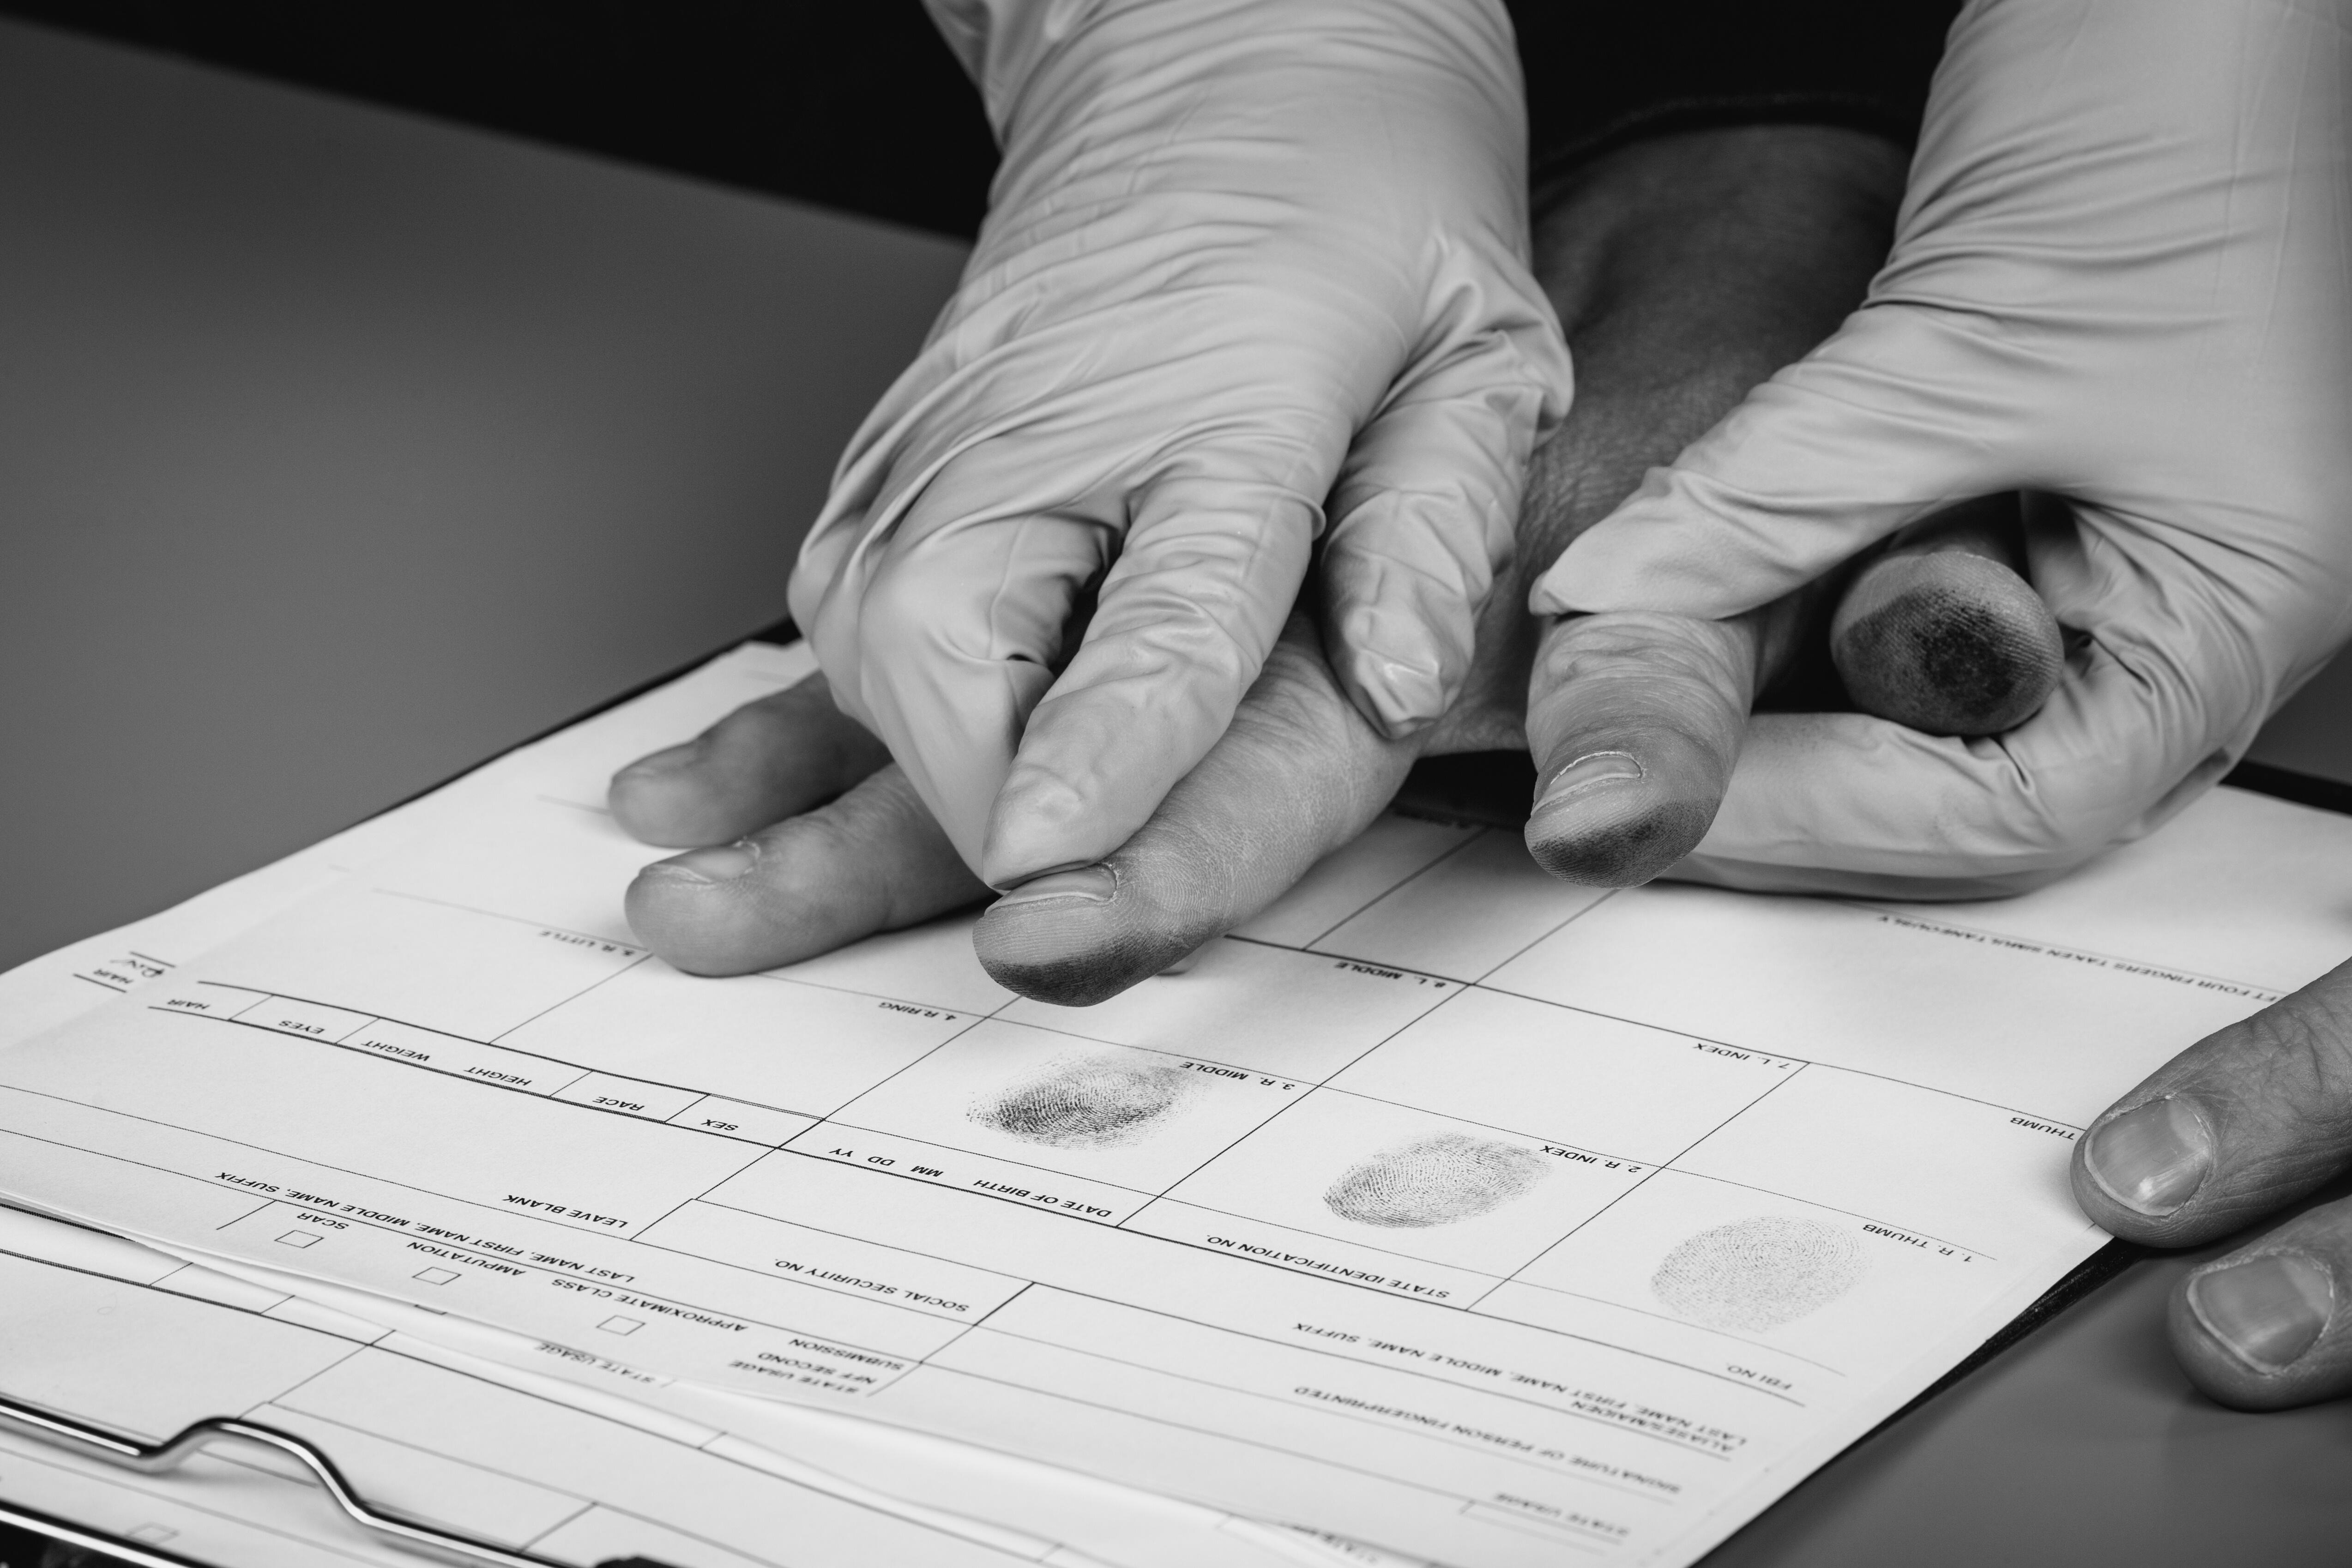 Taking fingerprints of a client